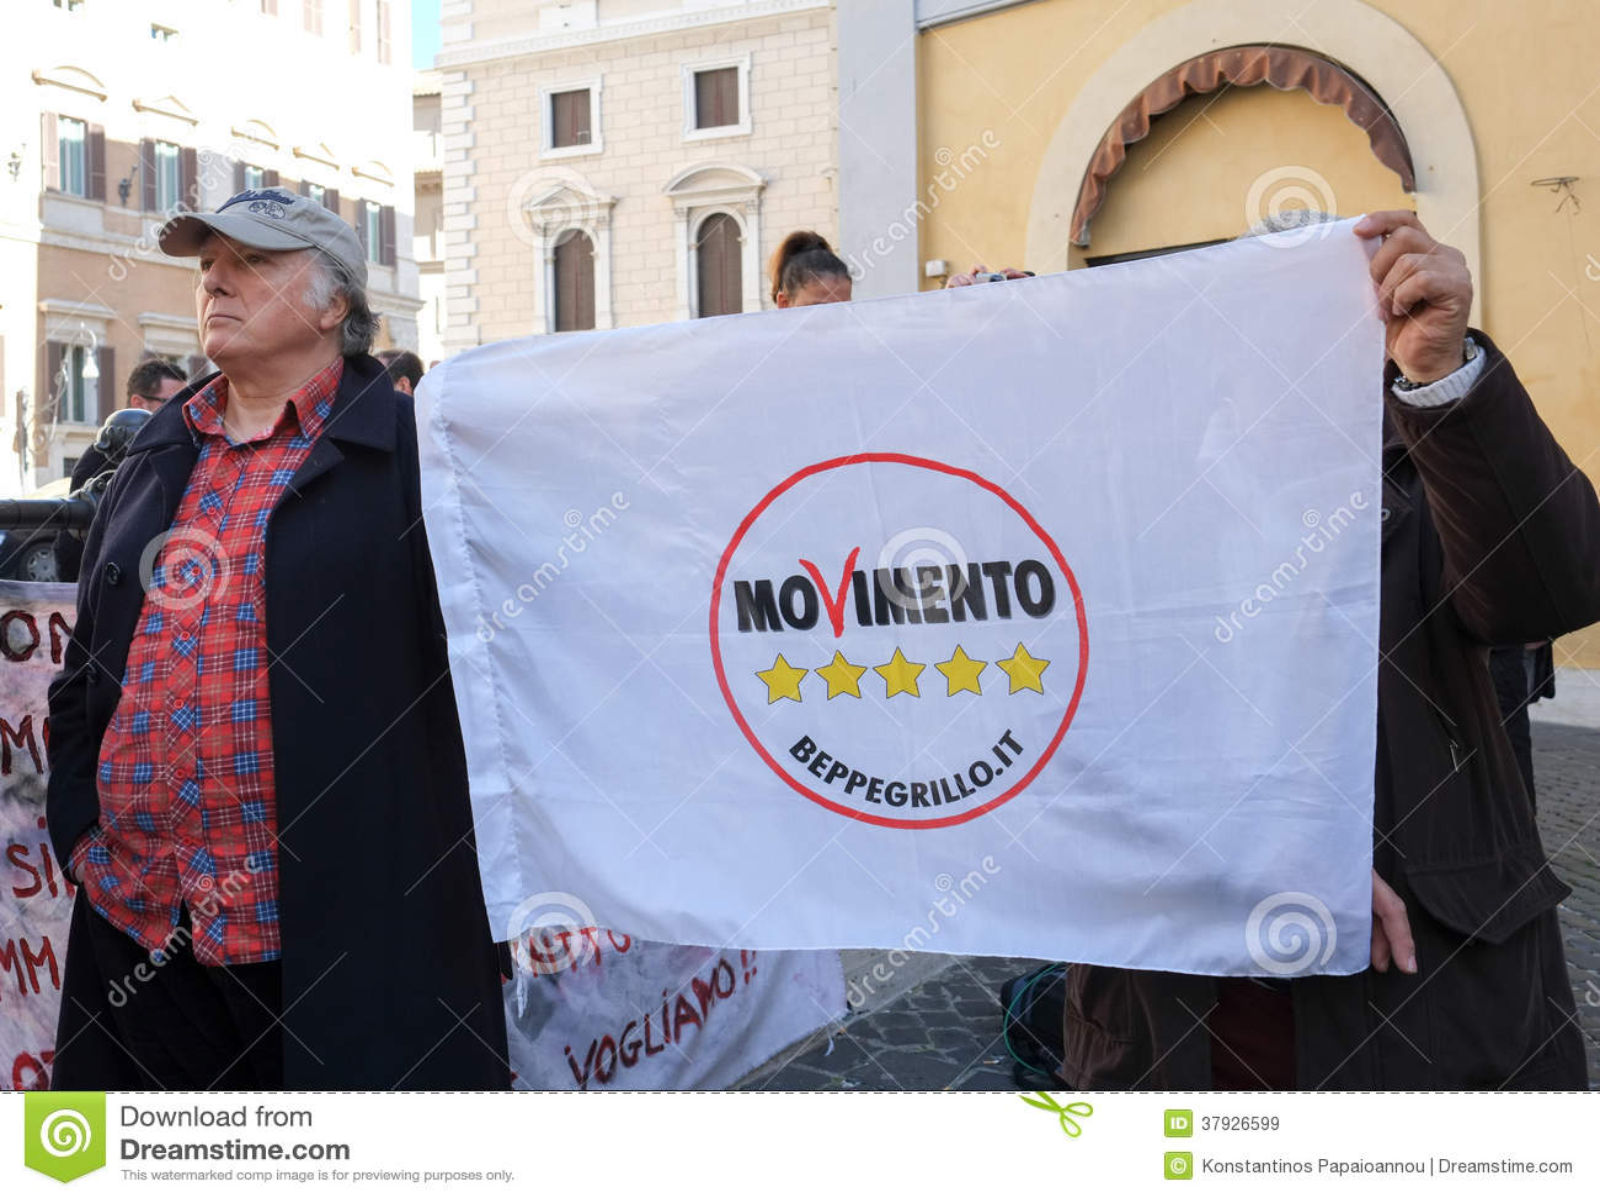 Политическая демонстрация в Риме